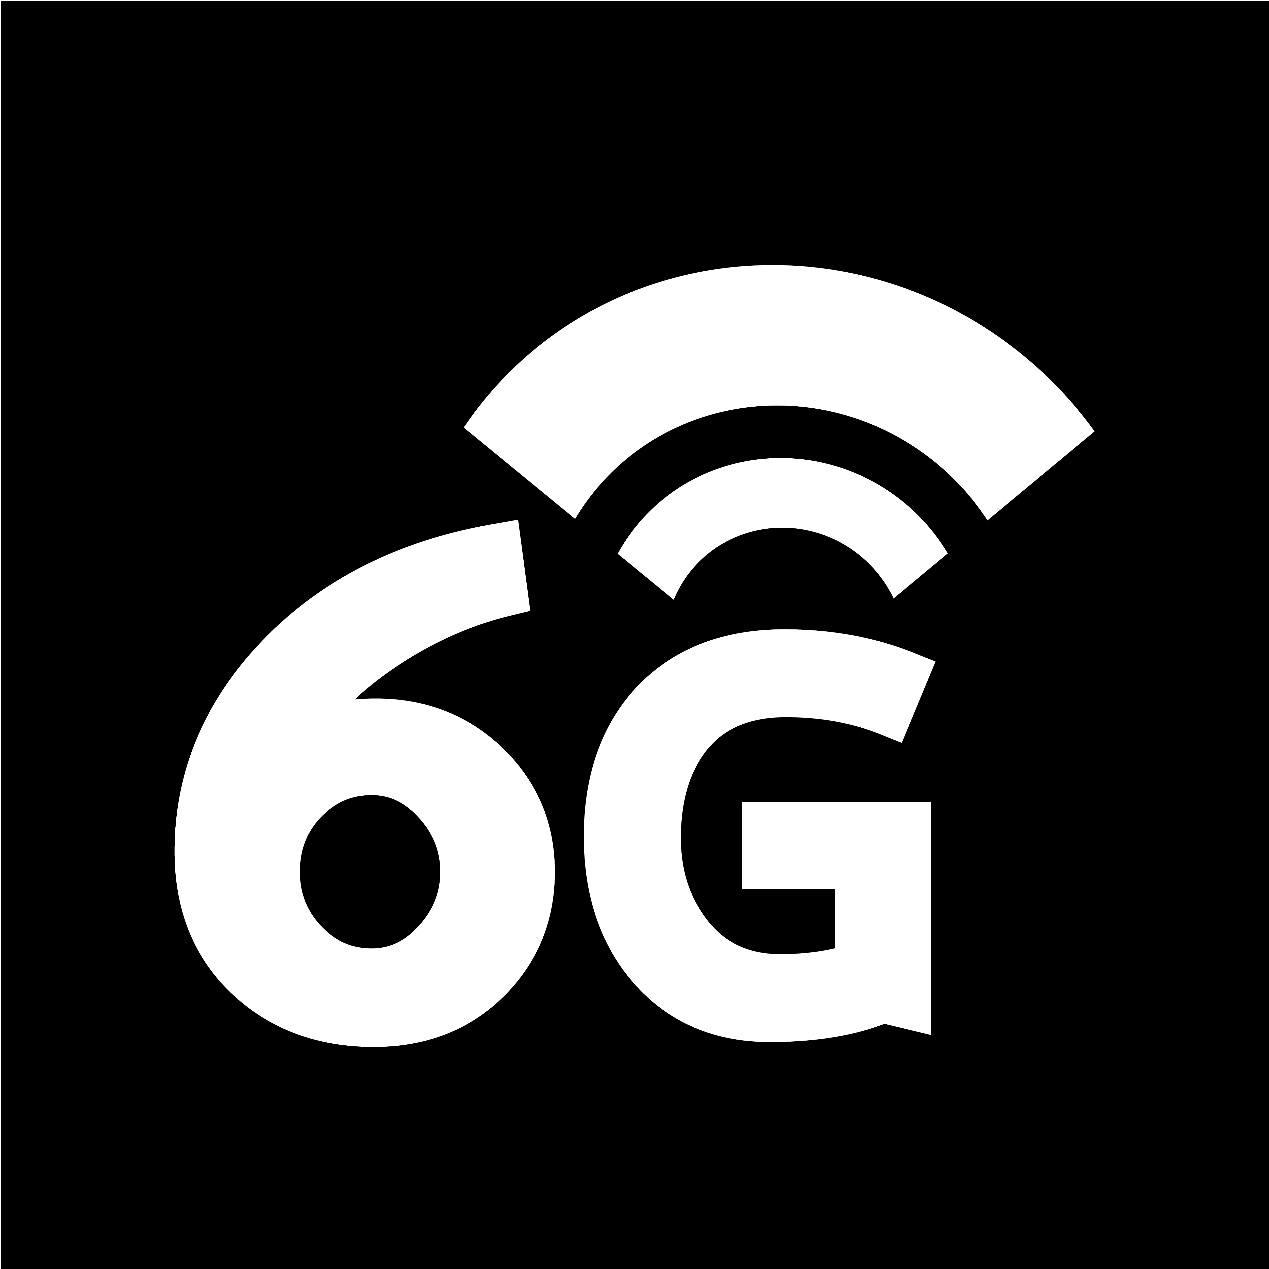 韩国欲成为全球6G商业化第一个国家,ETRI被选为6G核心技术开发项目的牵头机构